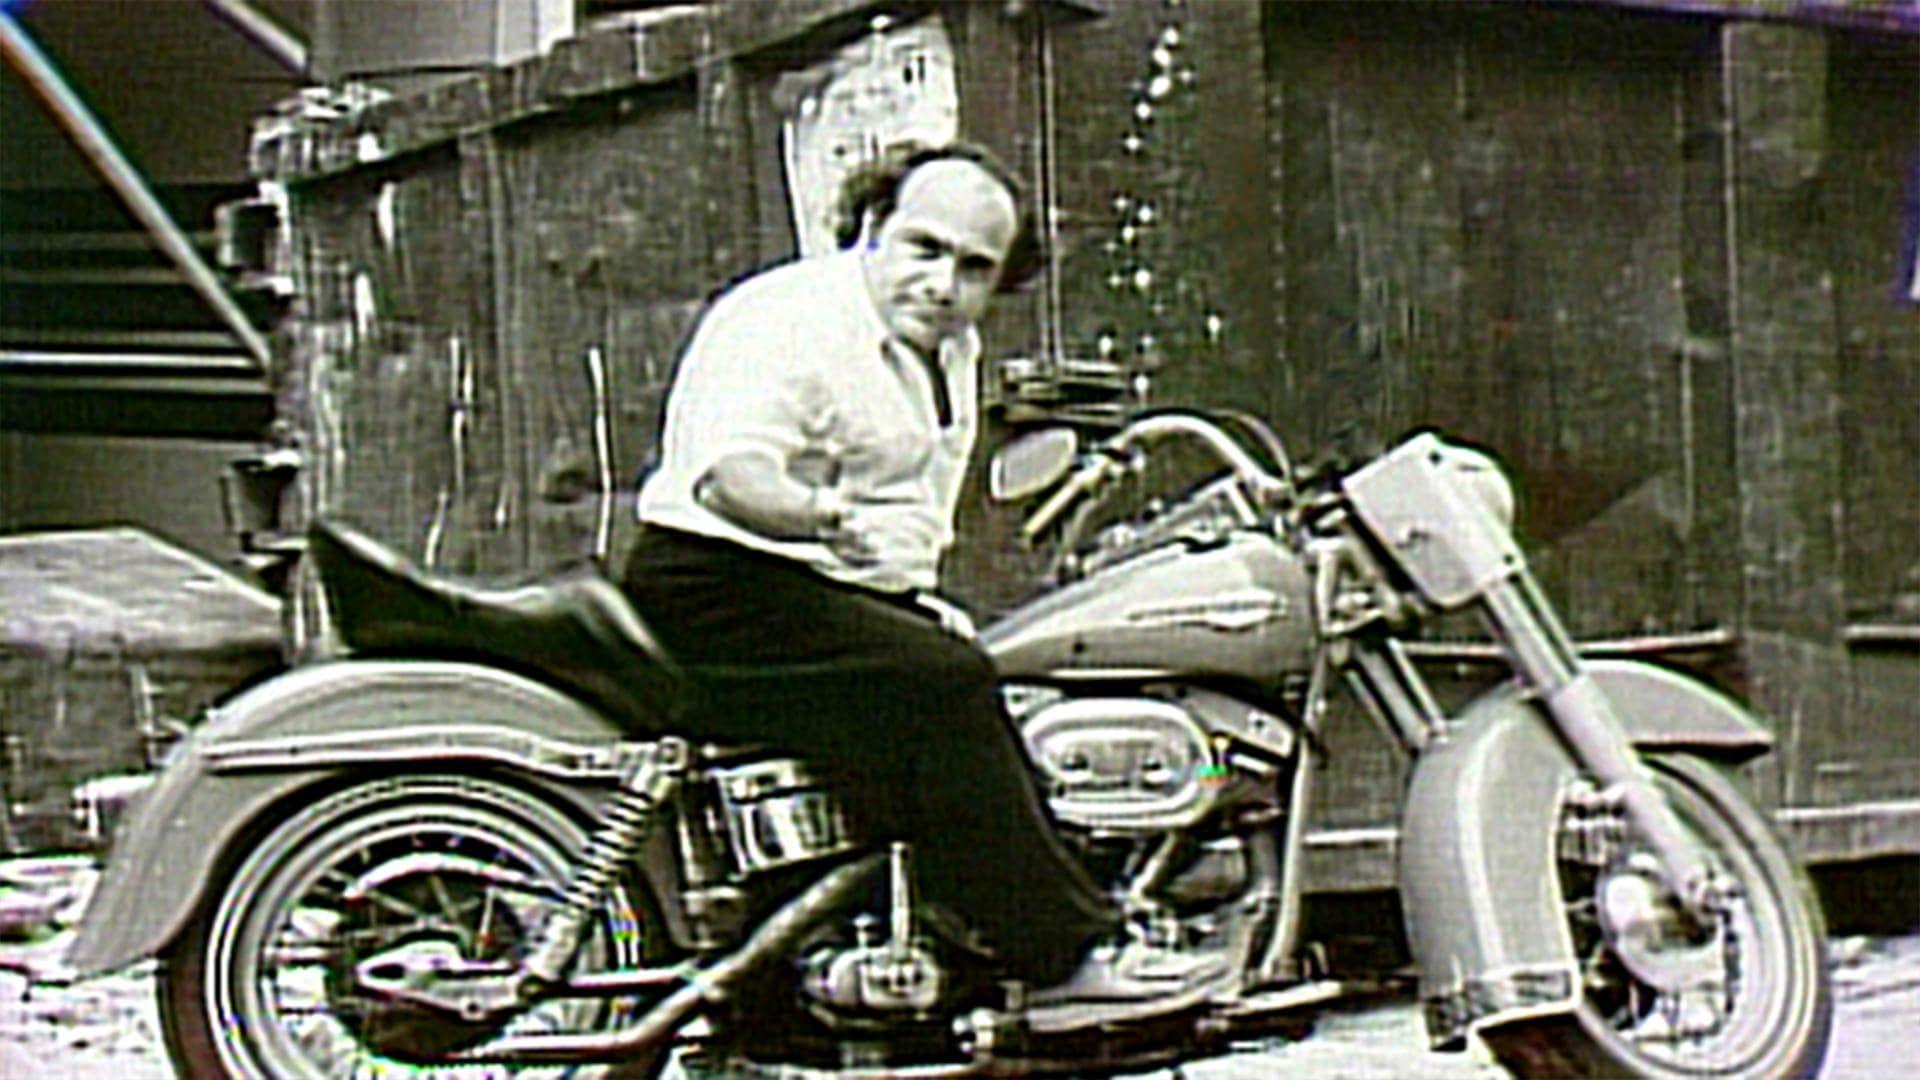 Danny DeVito: May 15, 1982